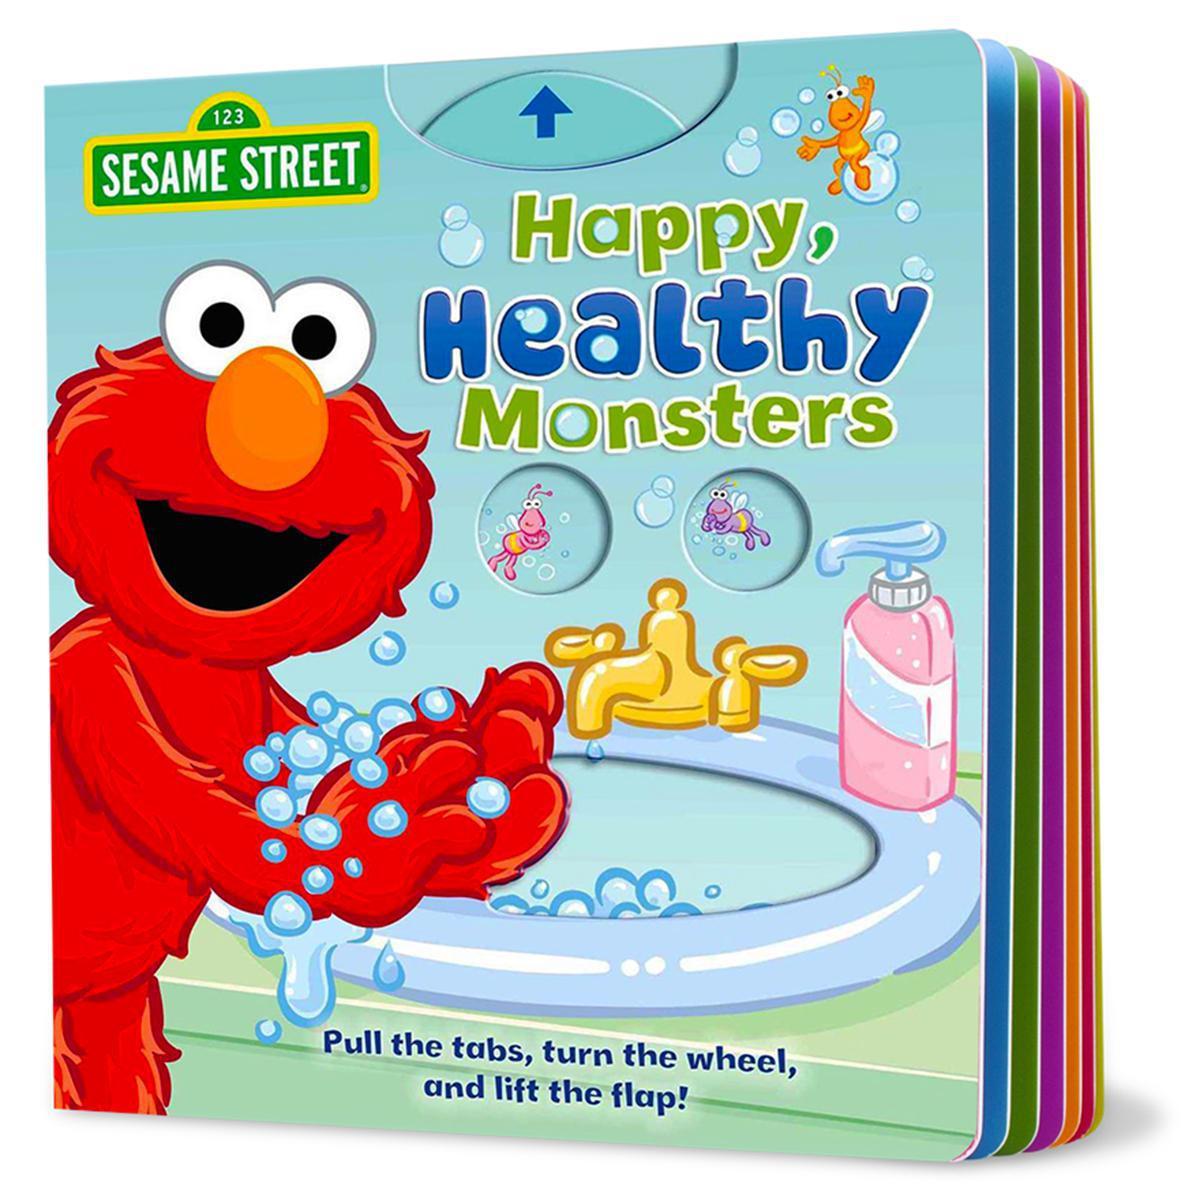 Sesame Street®: Happy, Healthy Monsters